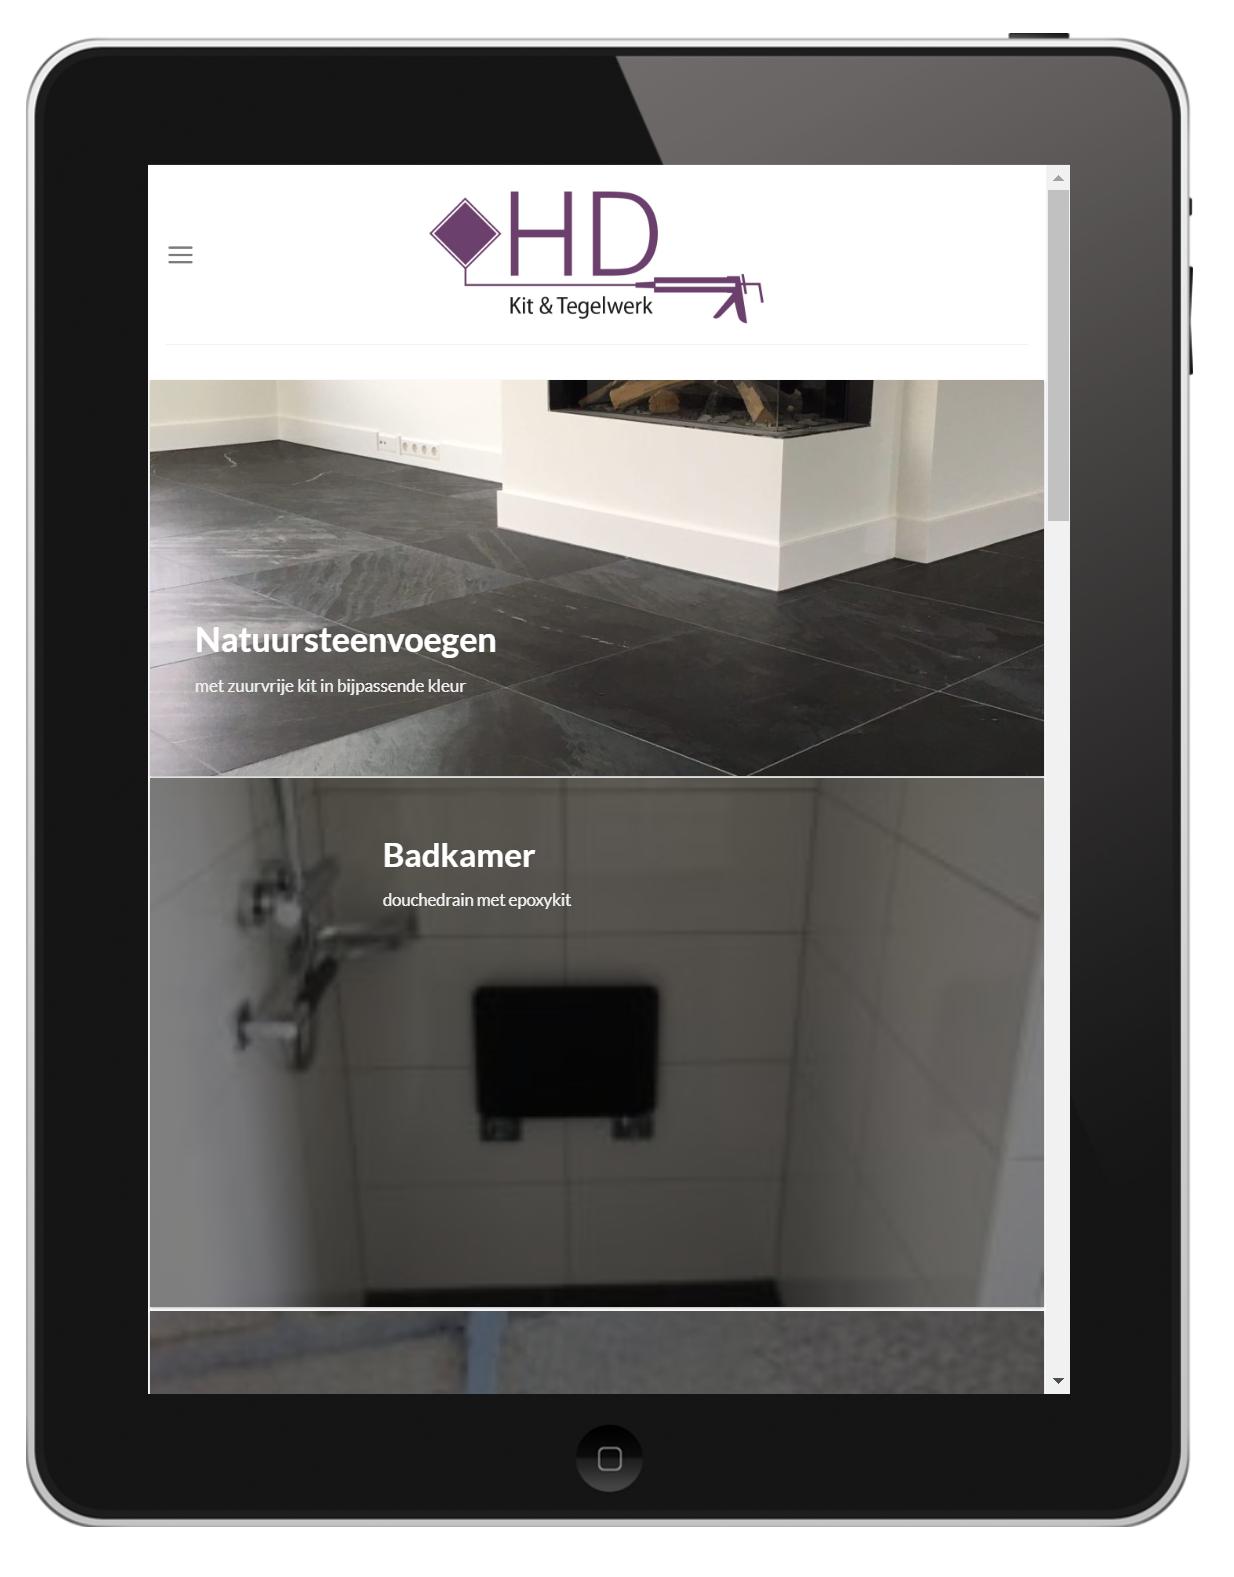 HD Kitwerk Ipad portrait